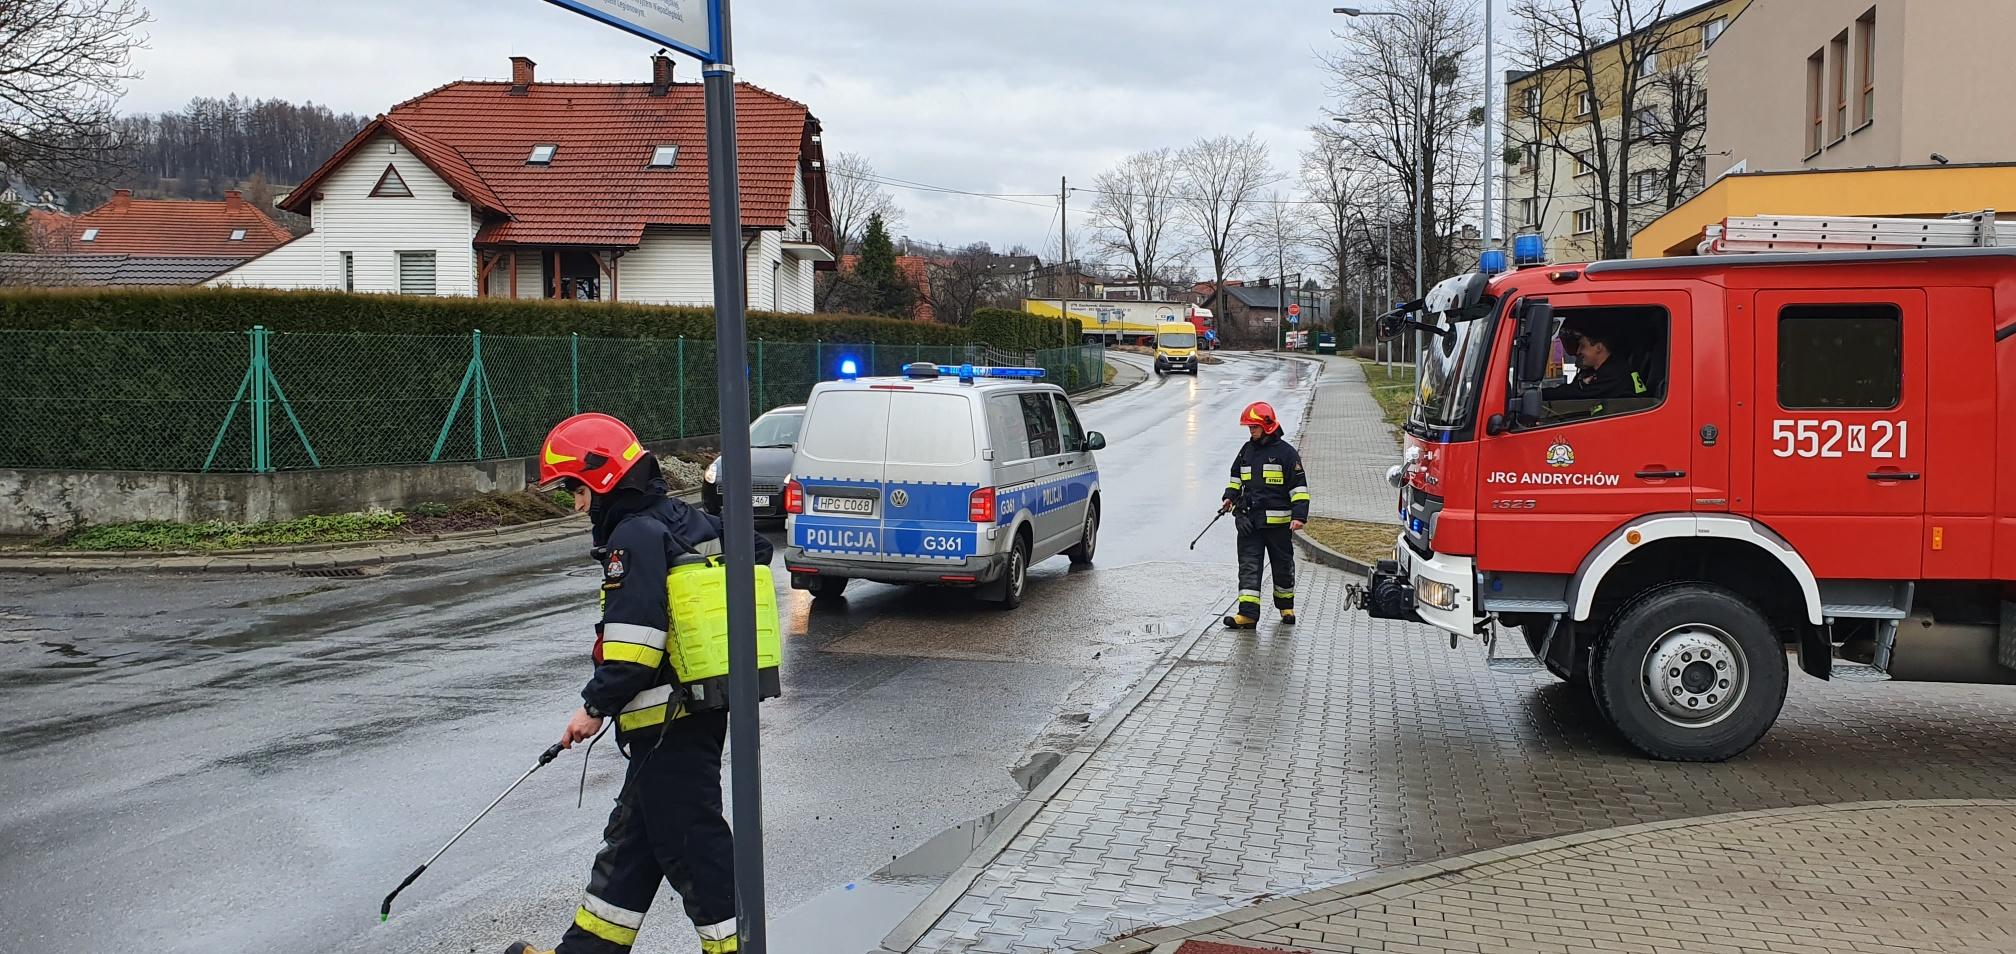 Interwencja strażaków w centrum Andrychowa